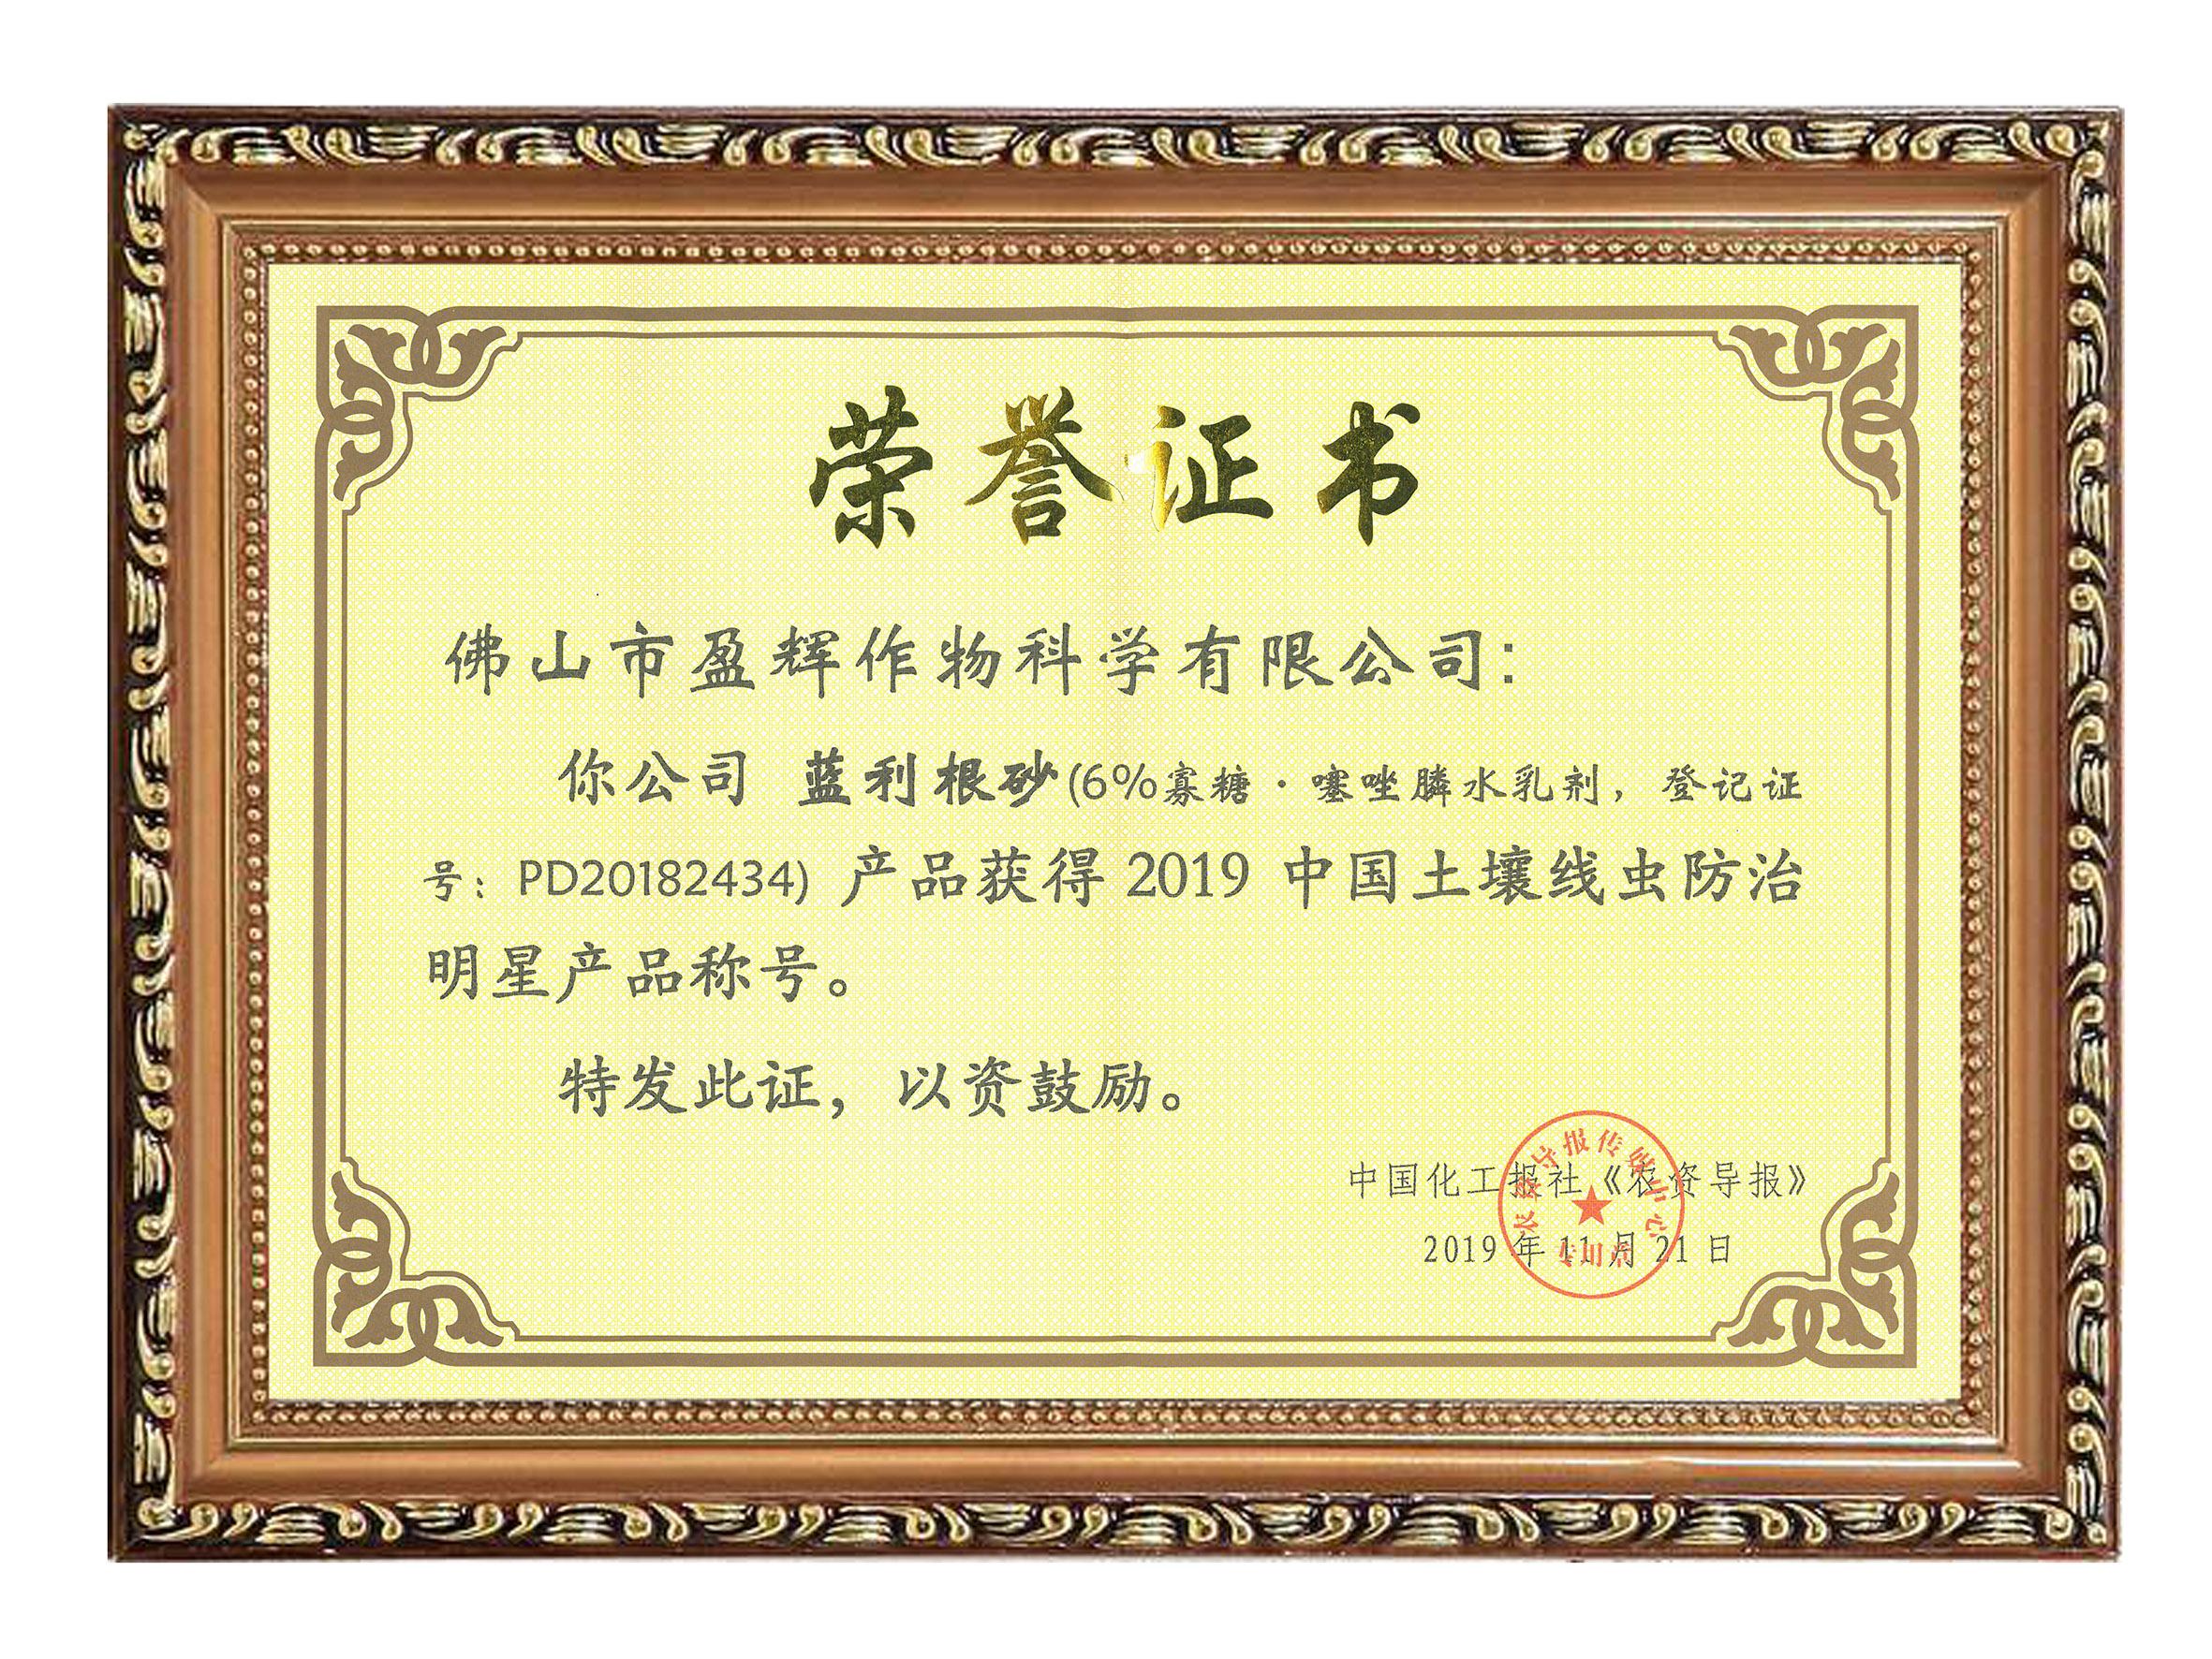 蓝利根砂获2019年中国土壤线虫防治明星产品称号-201911